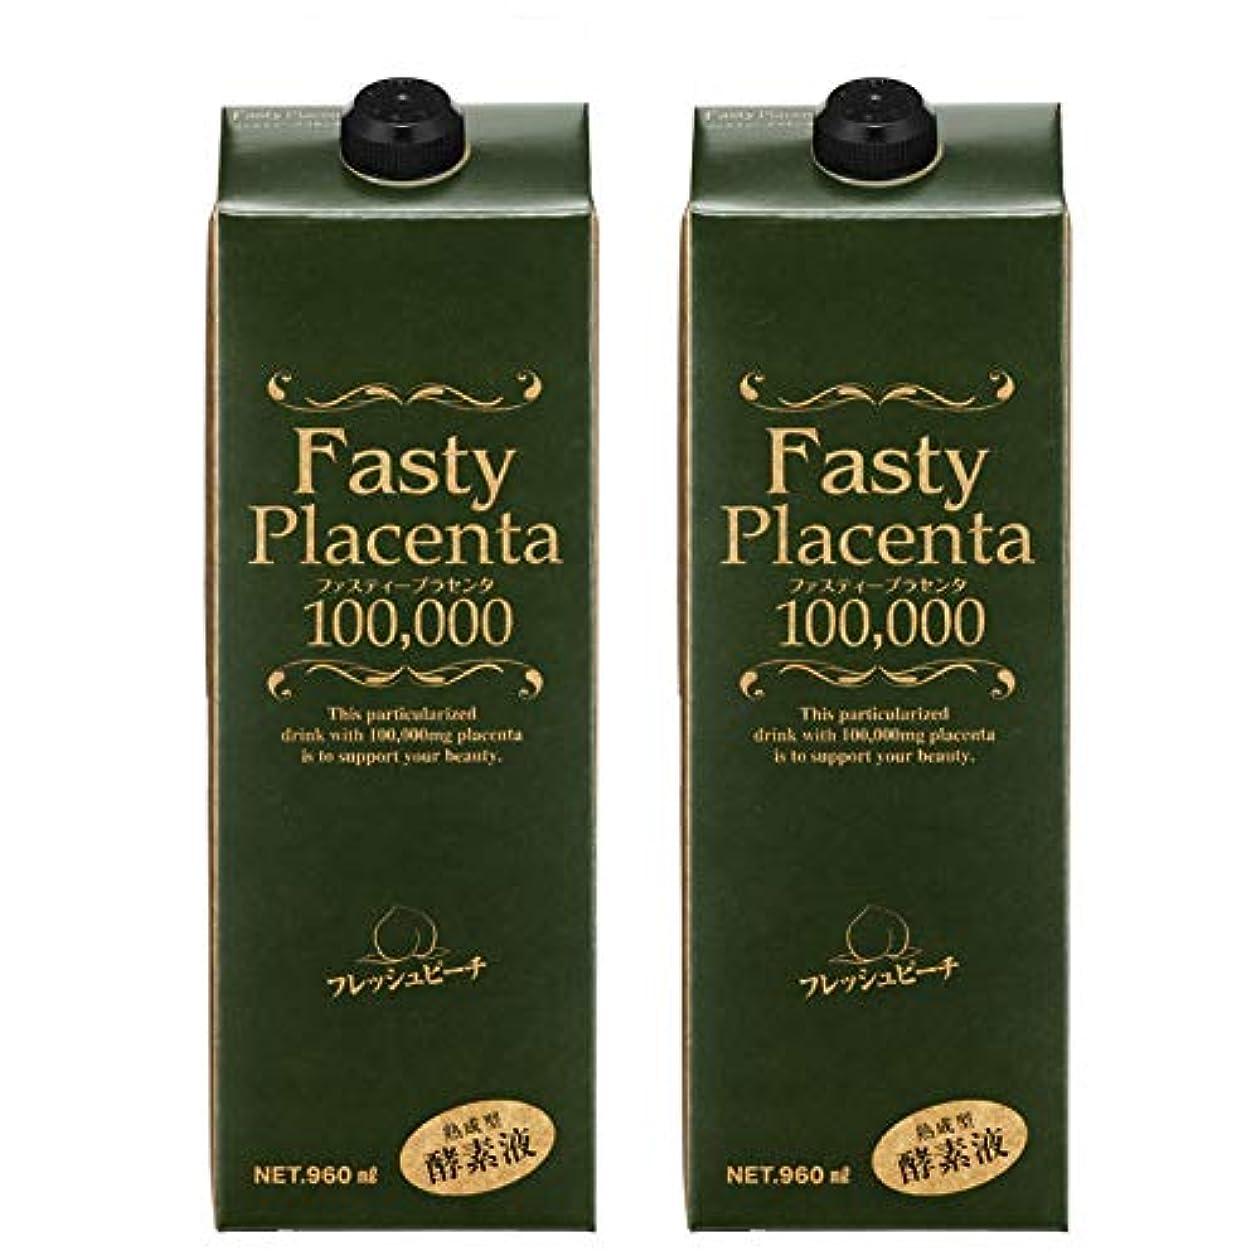 征服たくさん競うファスティープラセンタ100,000 増量パック(フレッシュピーチ味) 2本